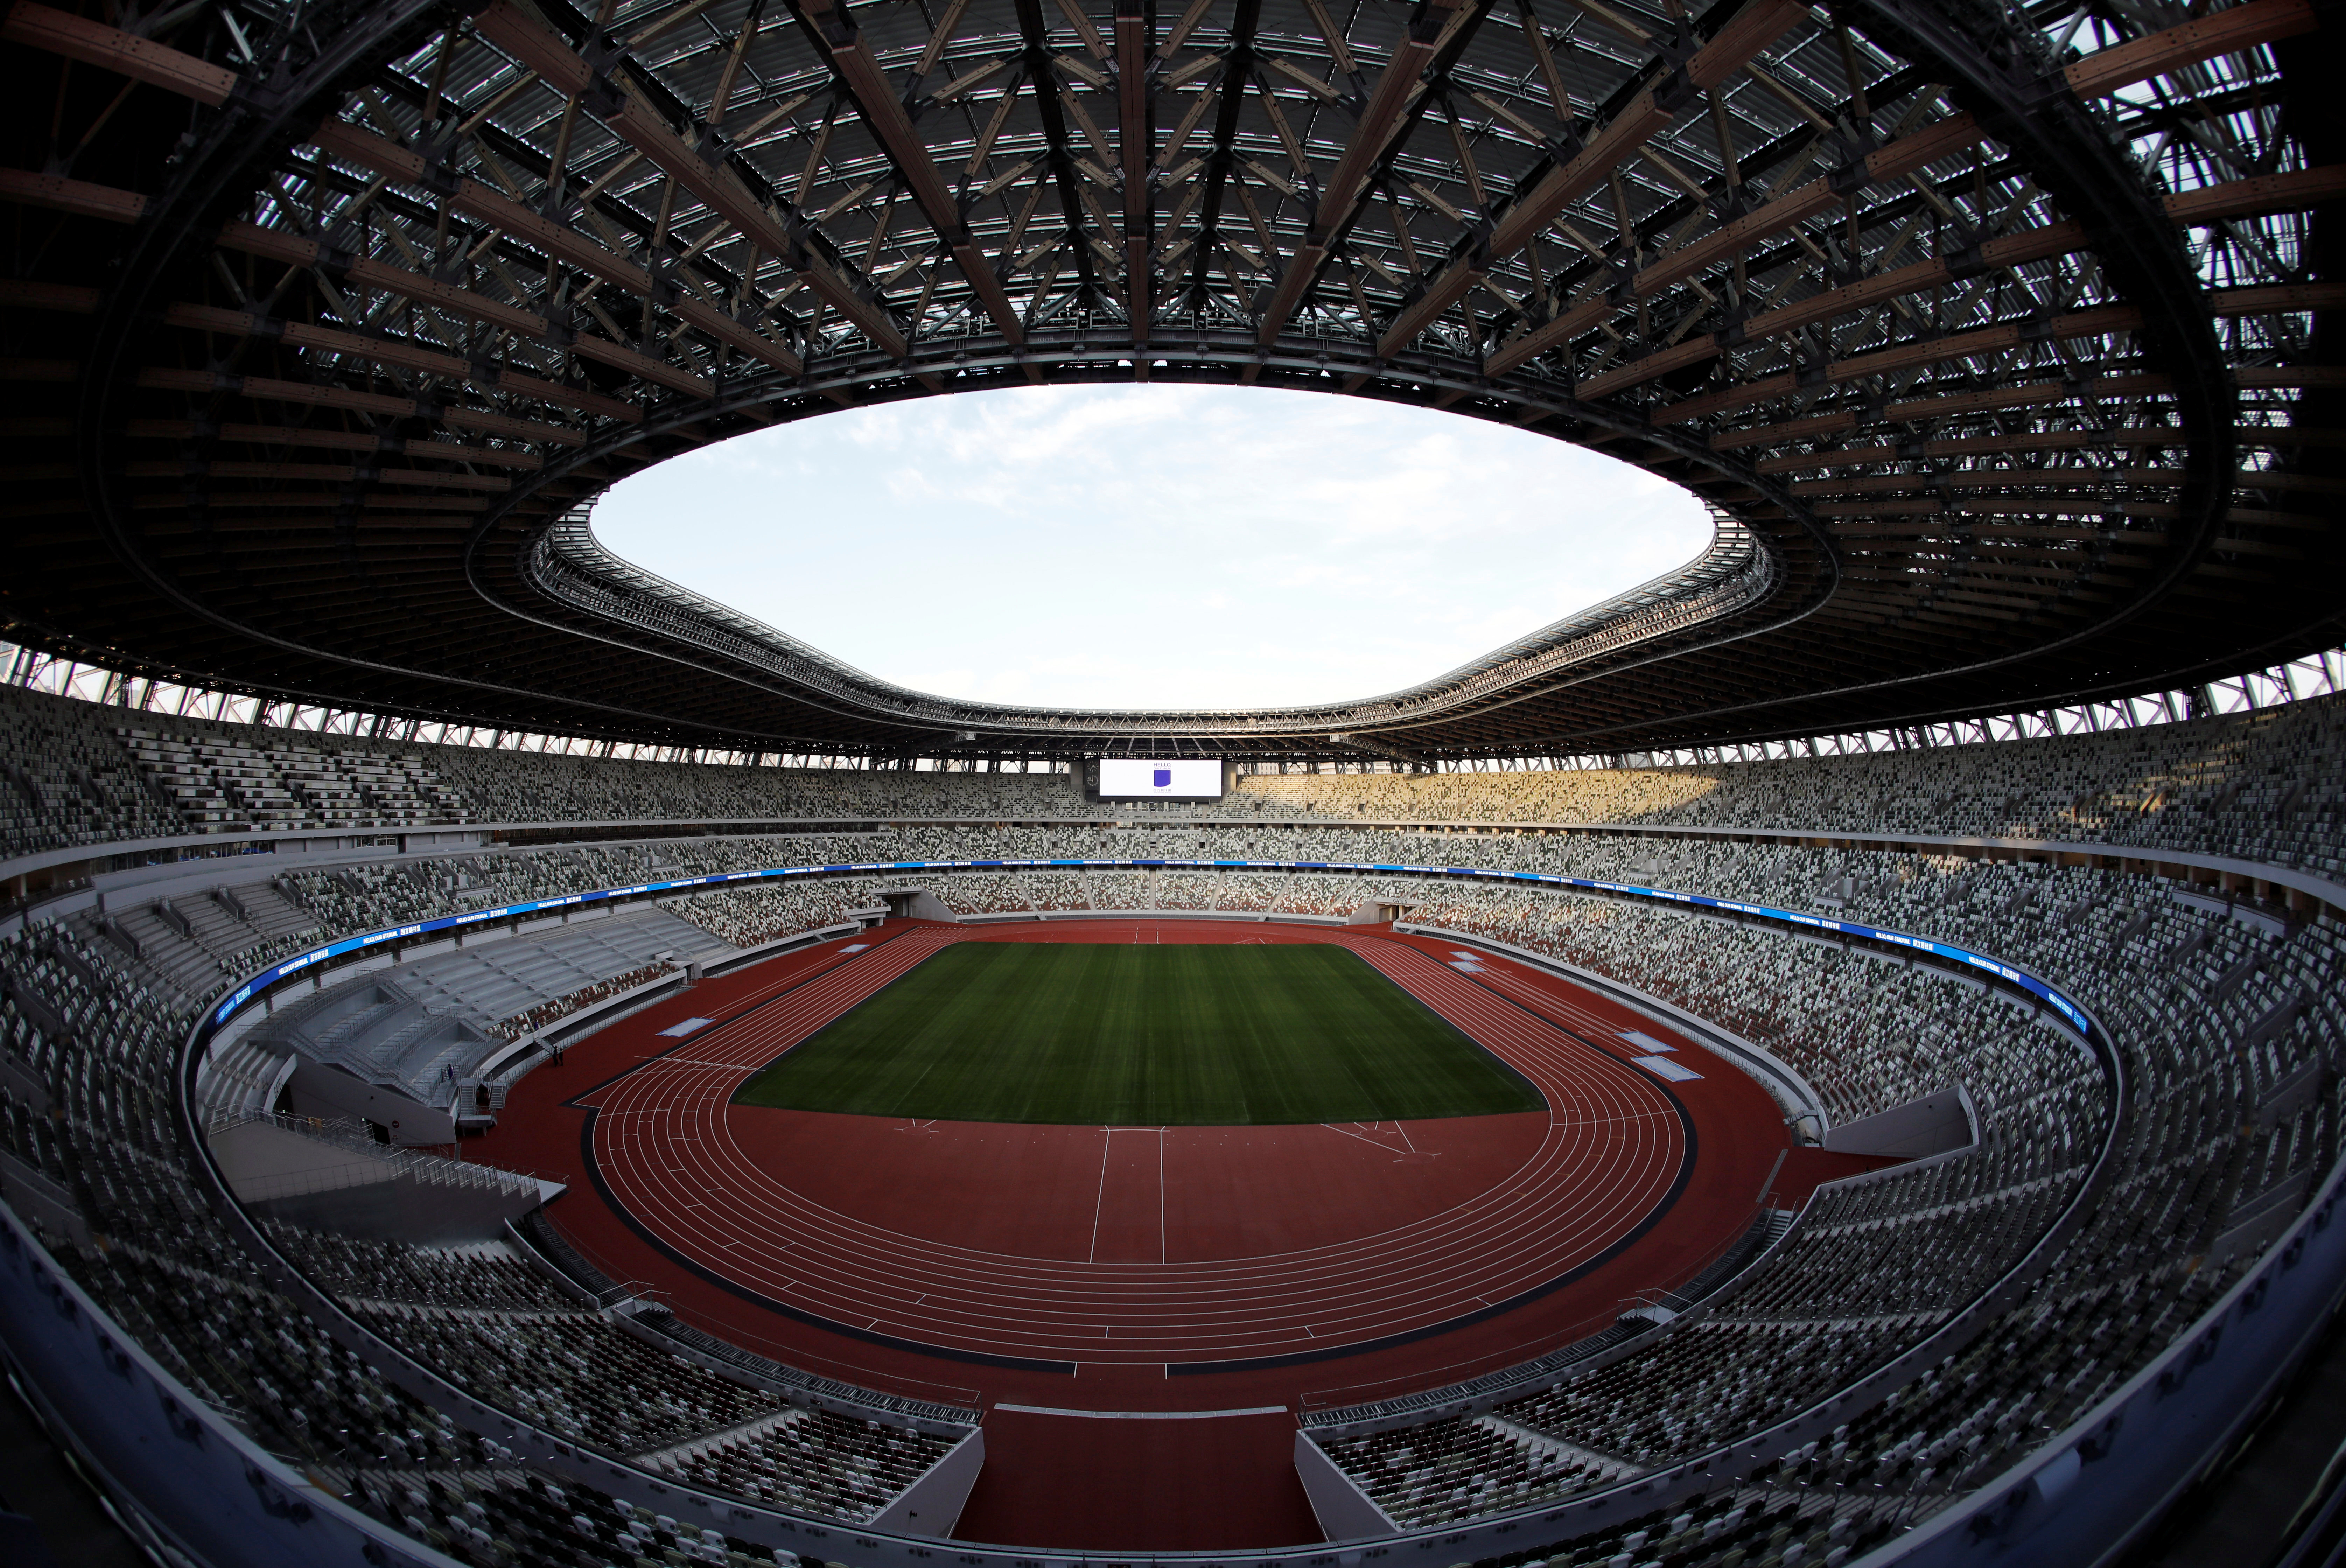 Su primera competición será la final de la Copa del Emperador de fútbol, el próximo 1 de enero